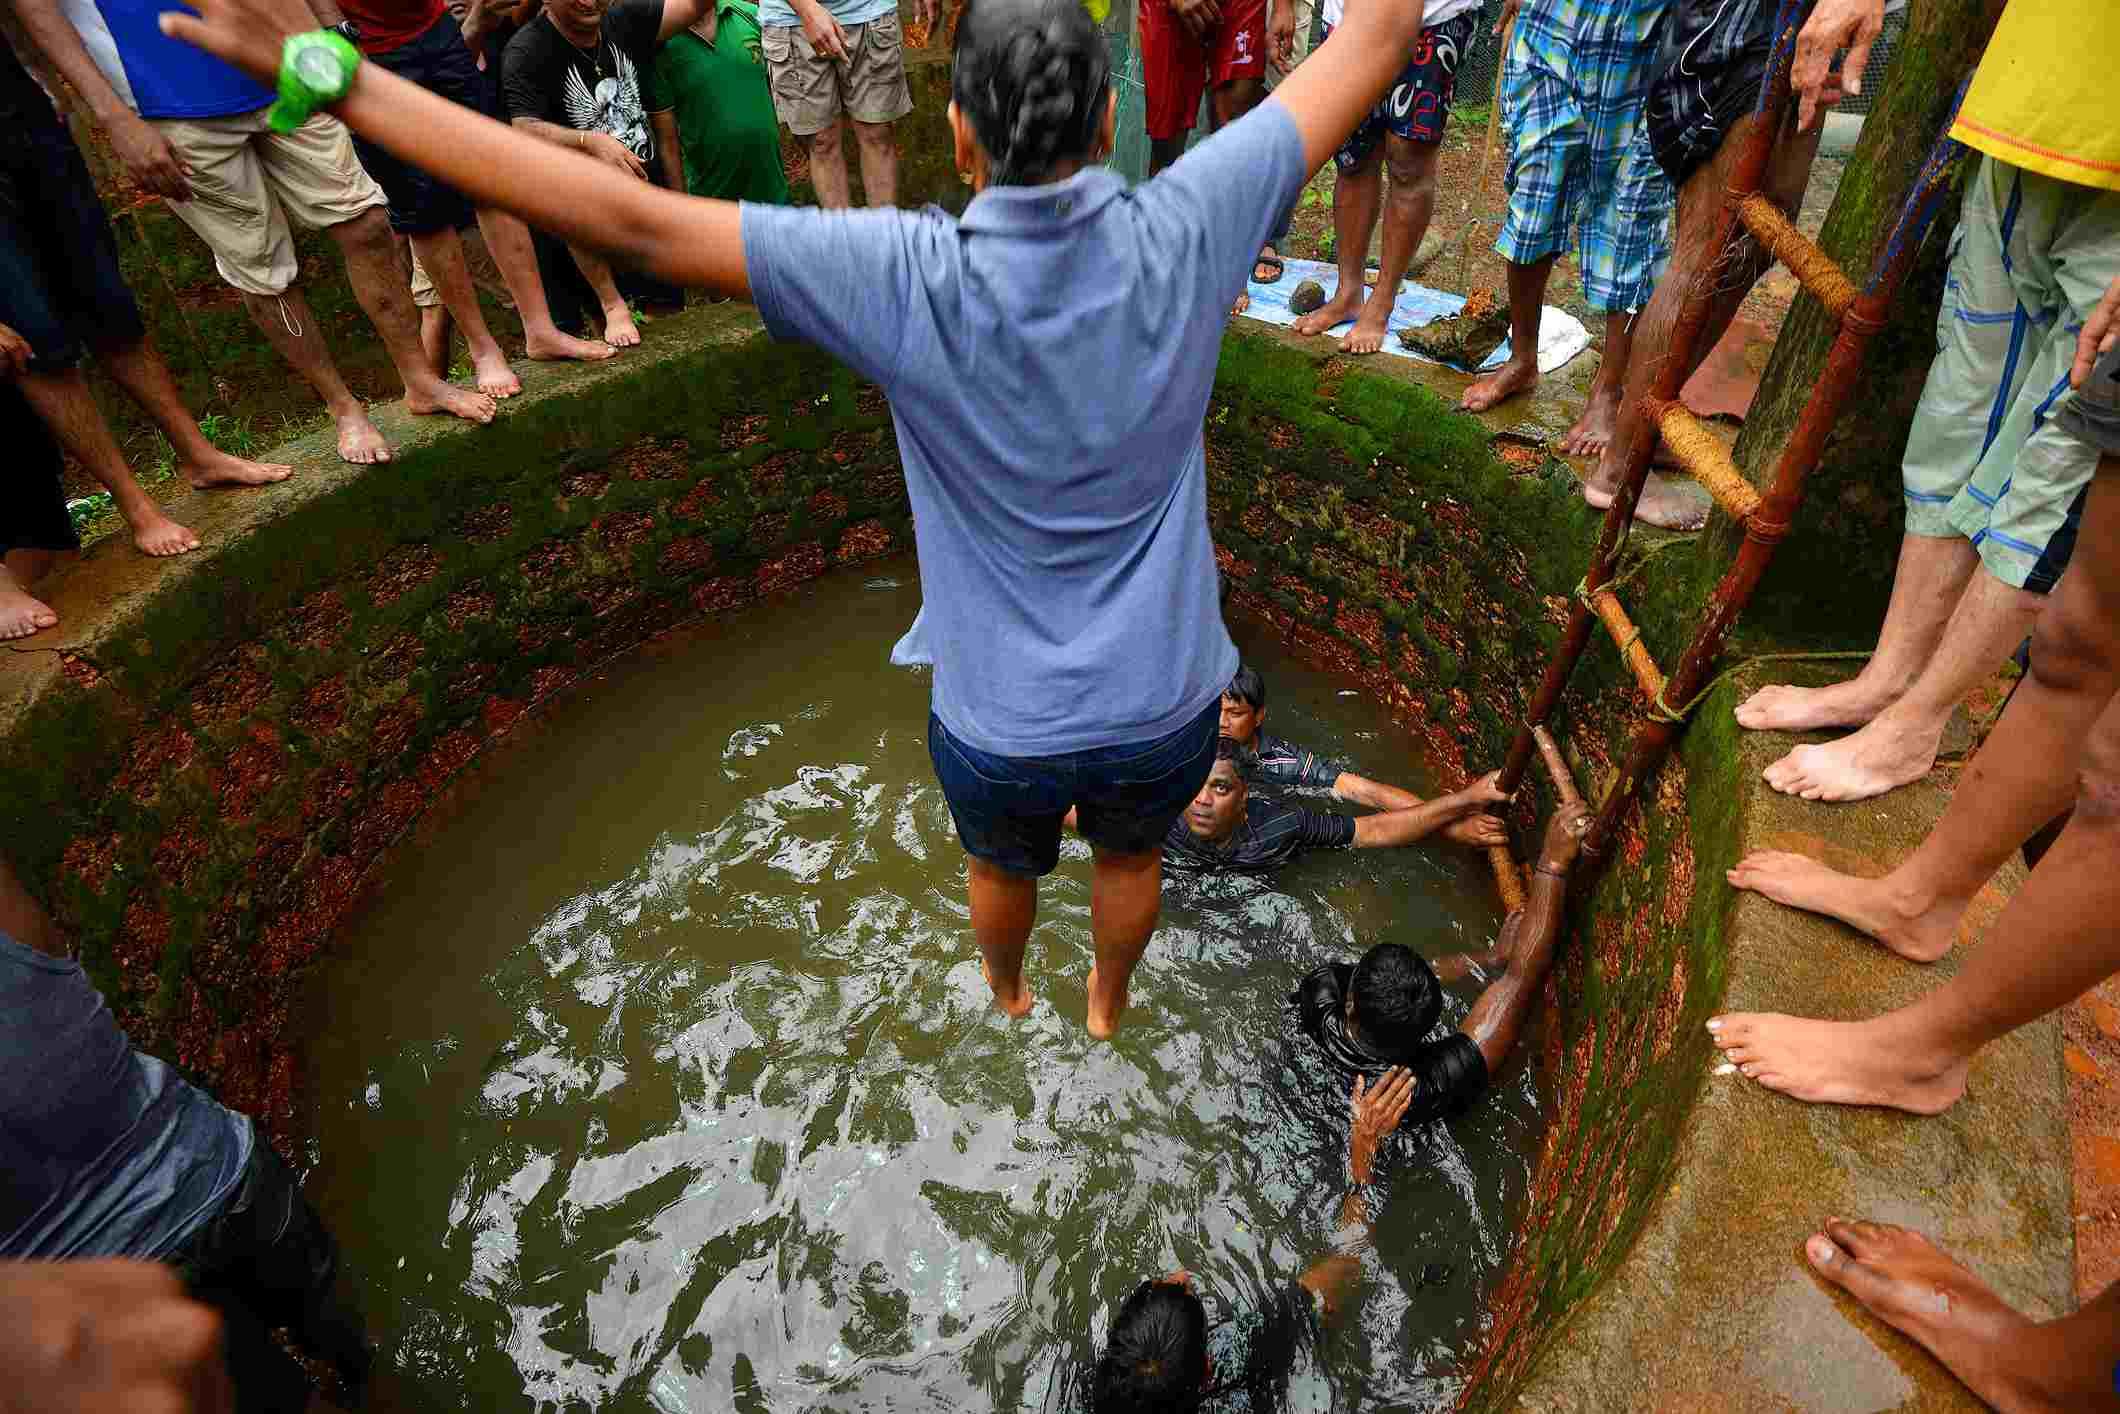 Festival de Sao Jao, Goa